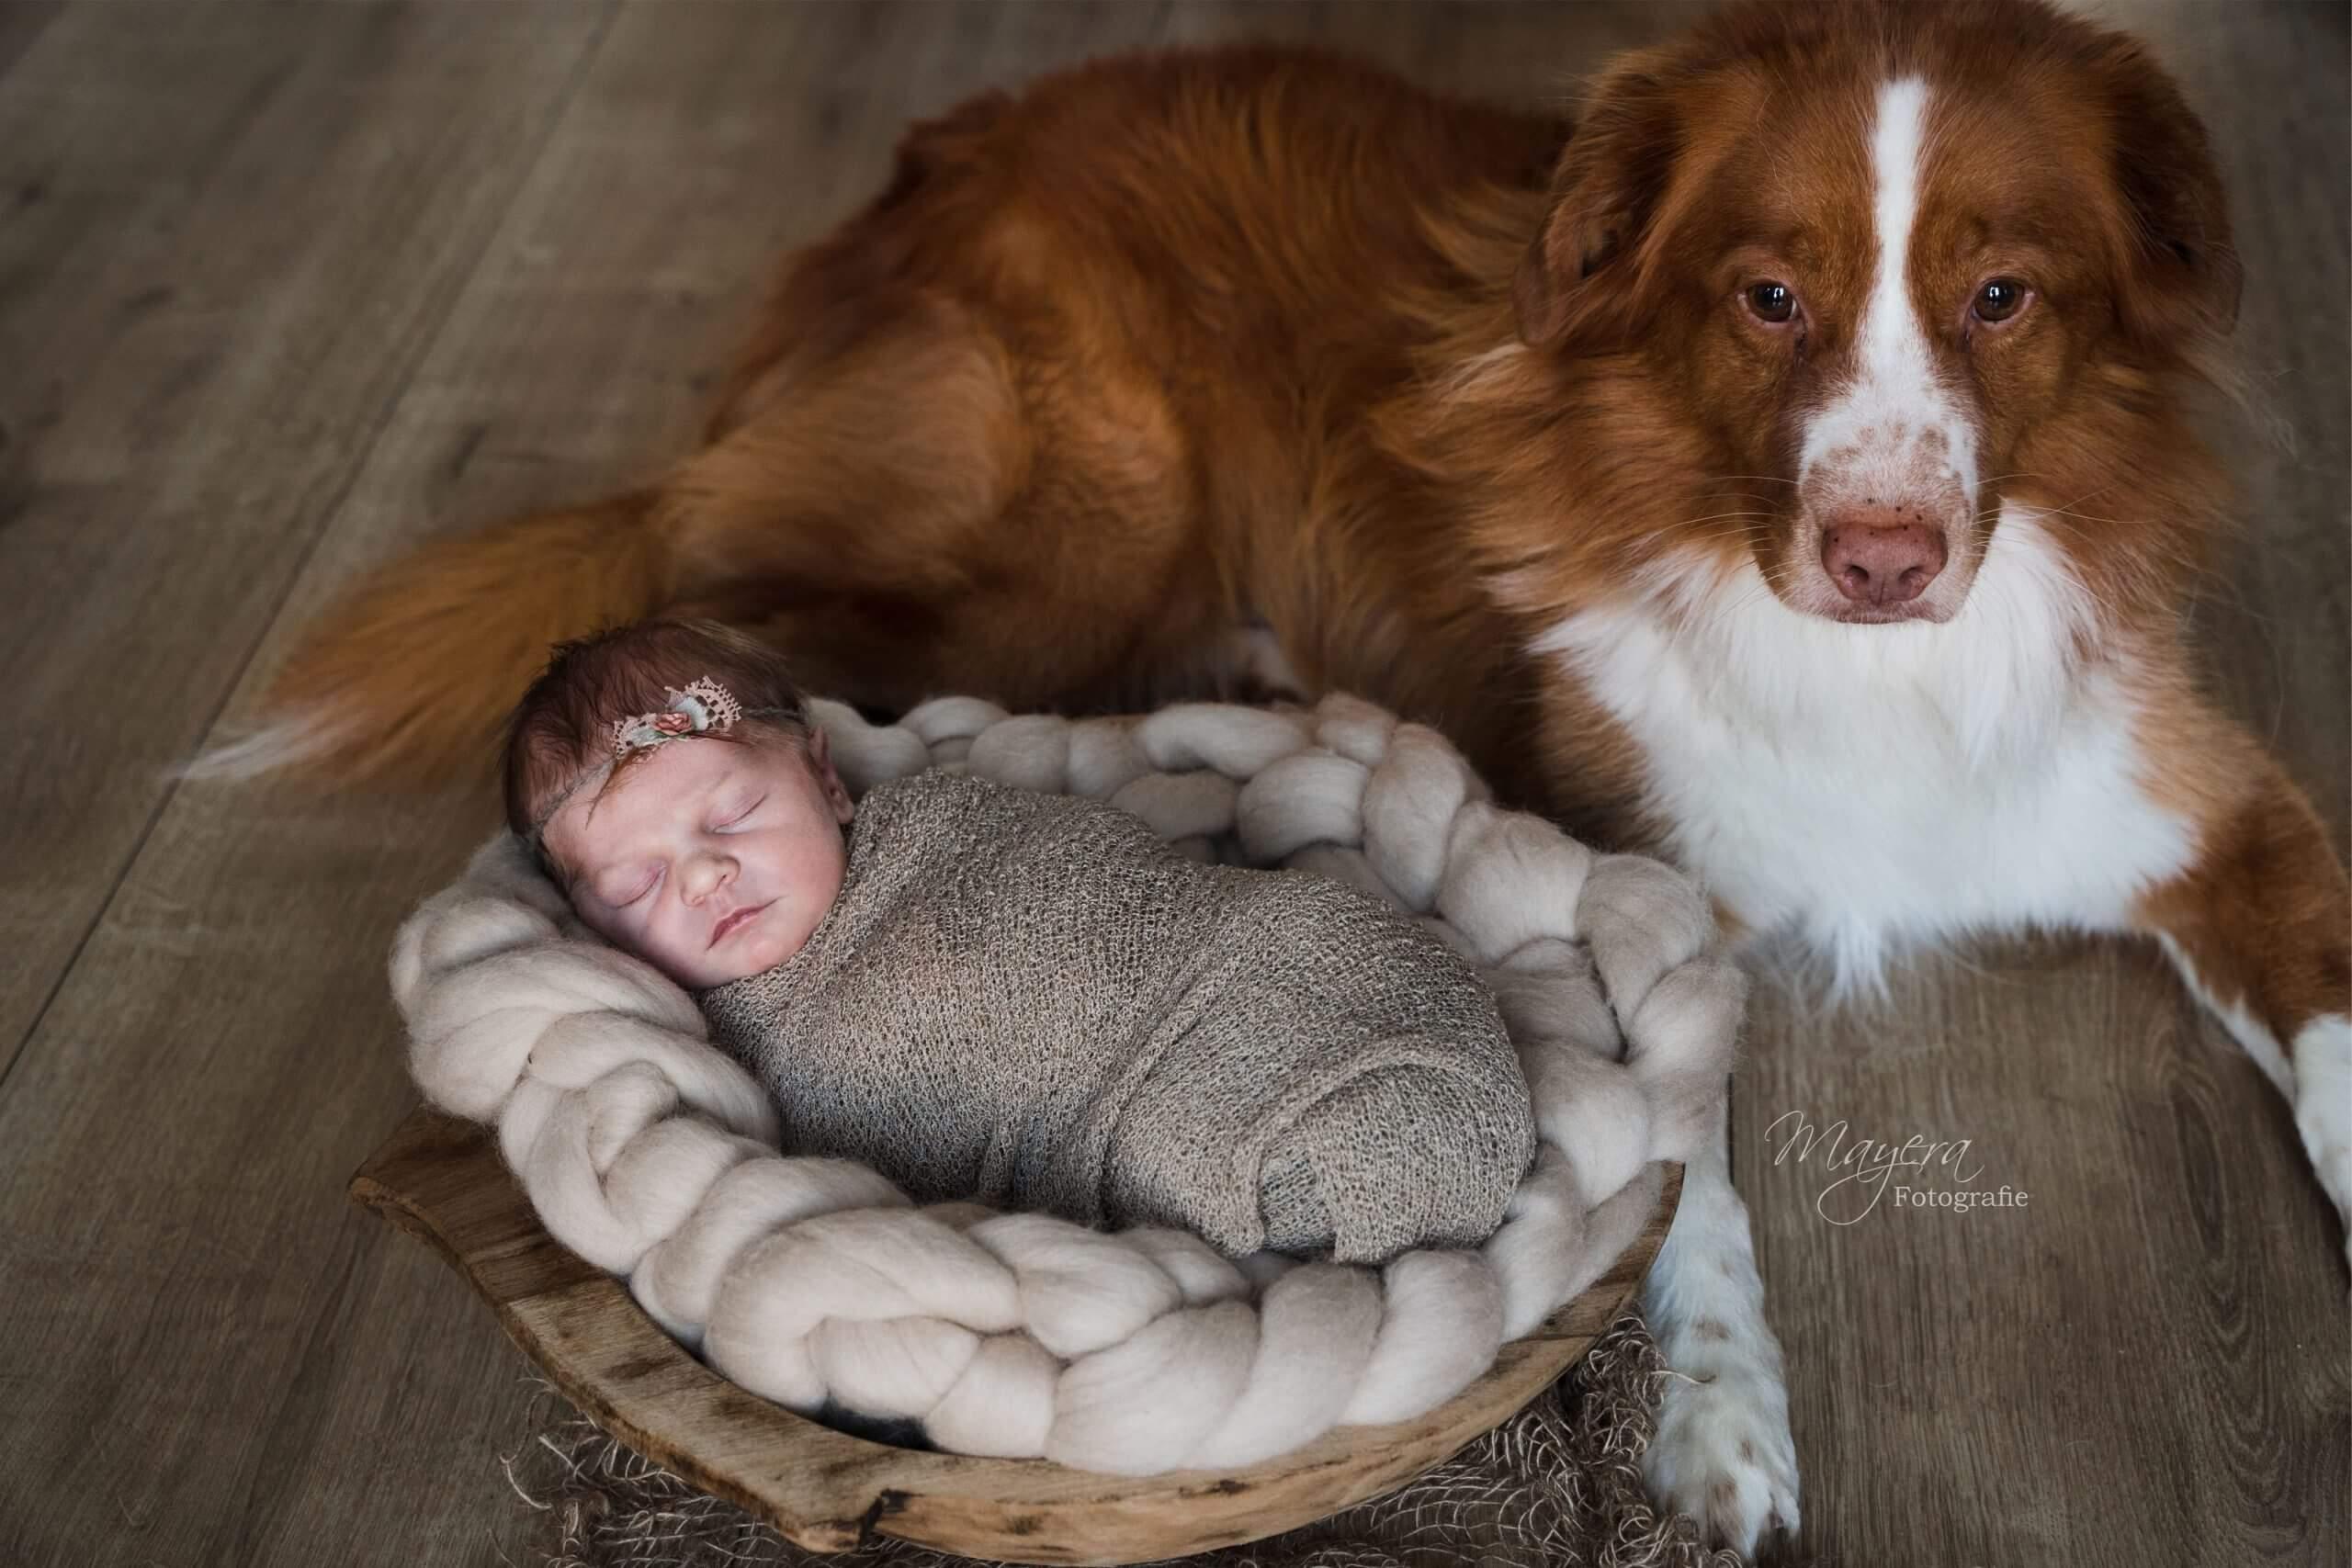 a newborn hond baby gezin wijk bij duurstede